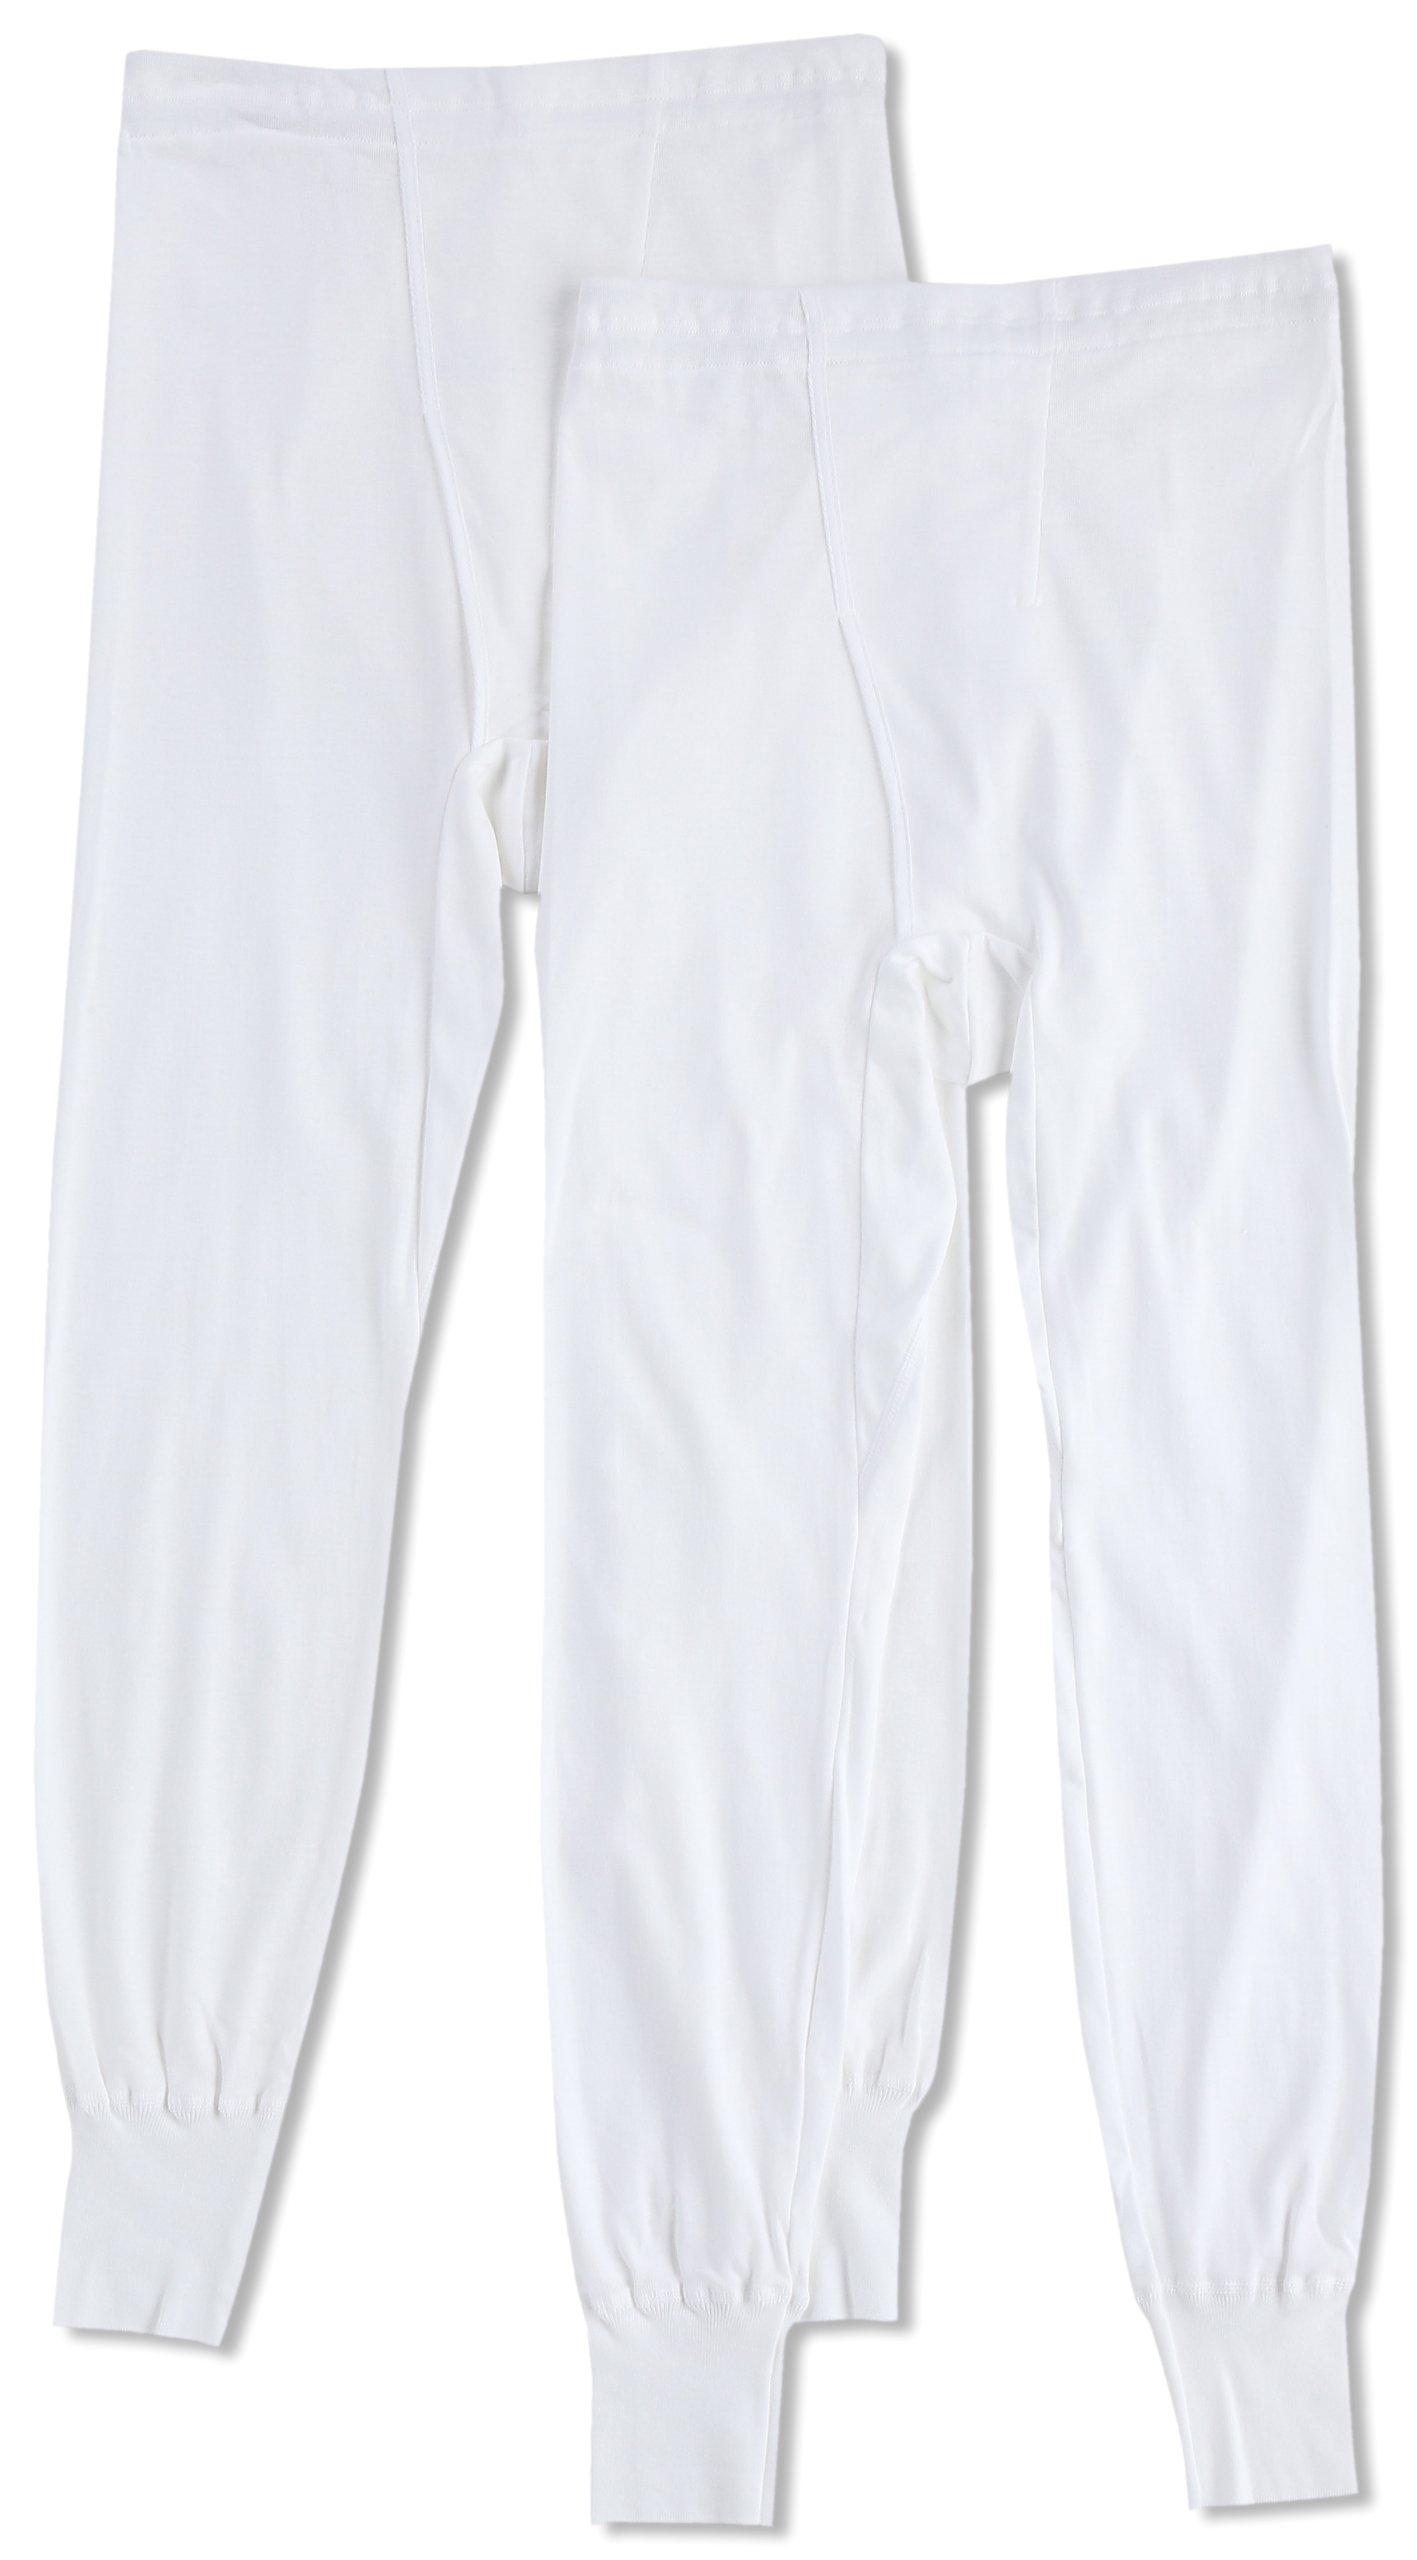 (郡是) GUNZE 长衬裤 柔软的内衣 ***纯棉 ***防臭工艺 前门襟 2条装